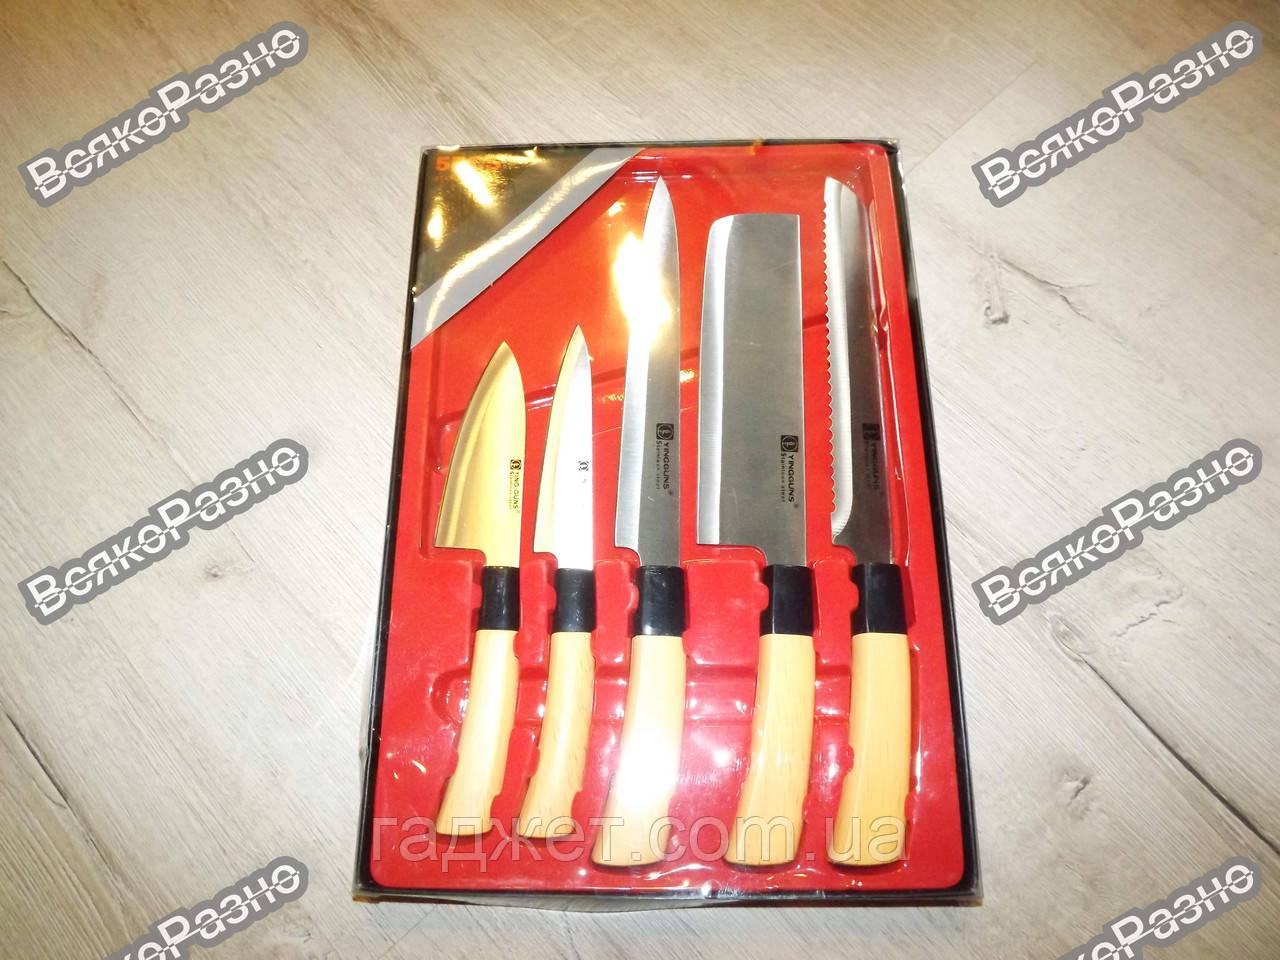 Набор ножей.